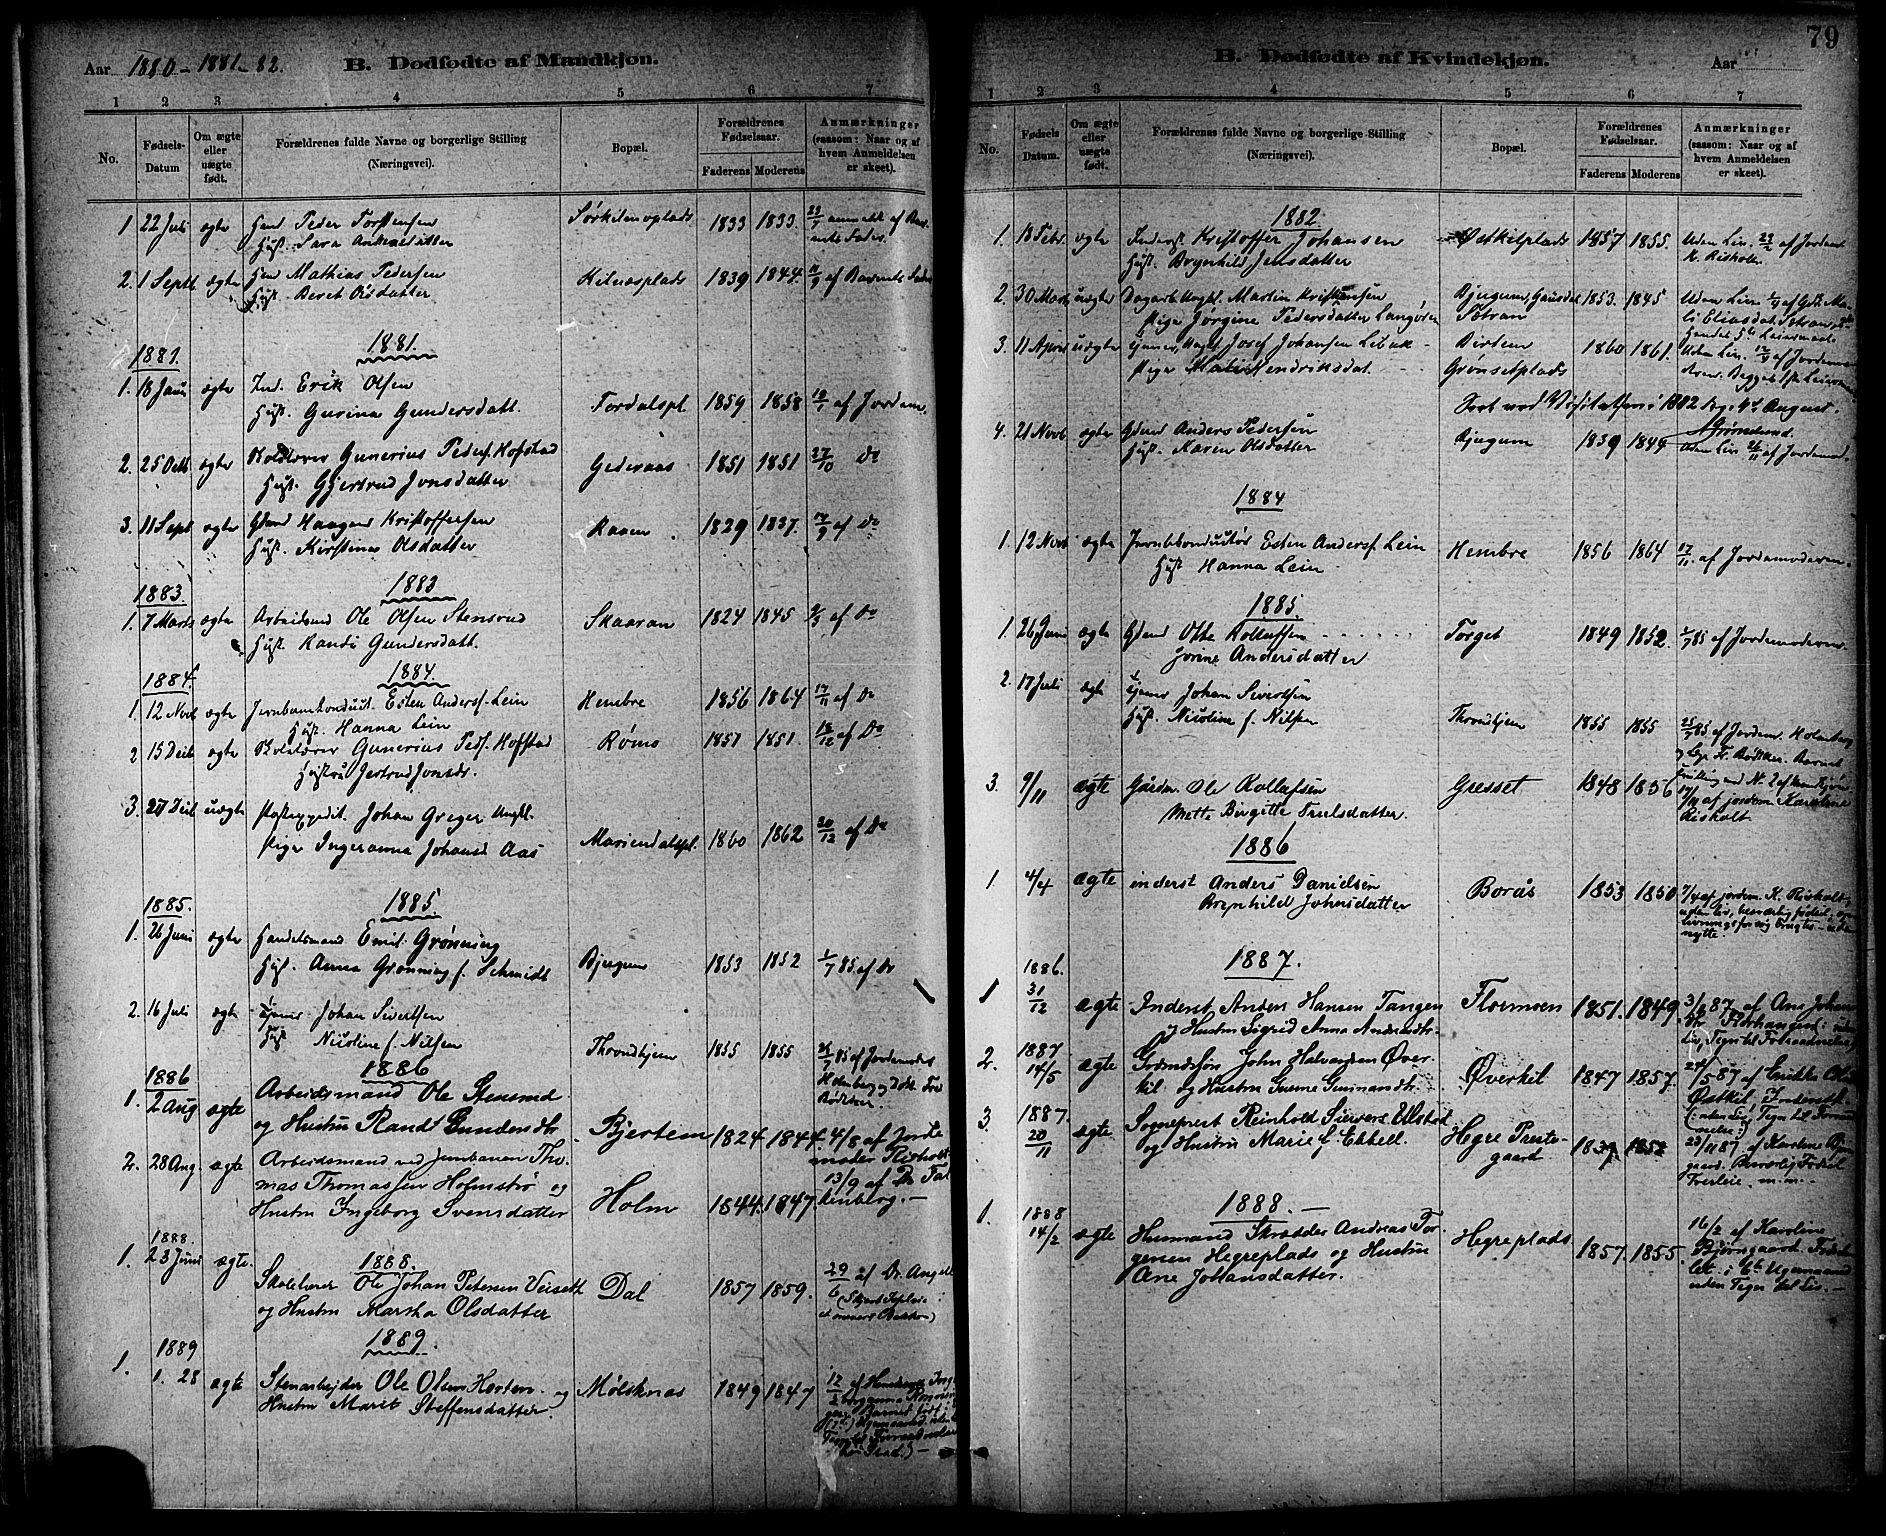 SAT, Ministerialprotokoller, klokkerbøker og fødselsregistre - Nord-Trøndelag, 703/L0030: Parish register (official) no. 703A03, 1880-1892, p. 79